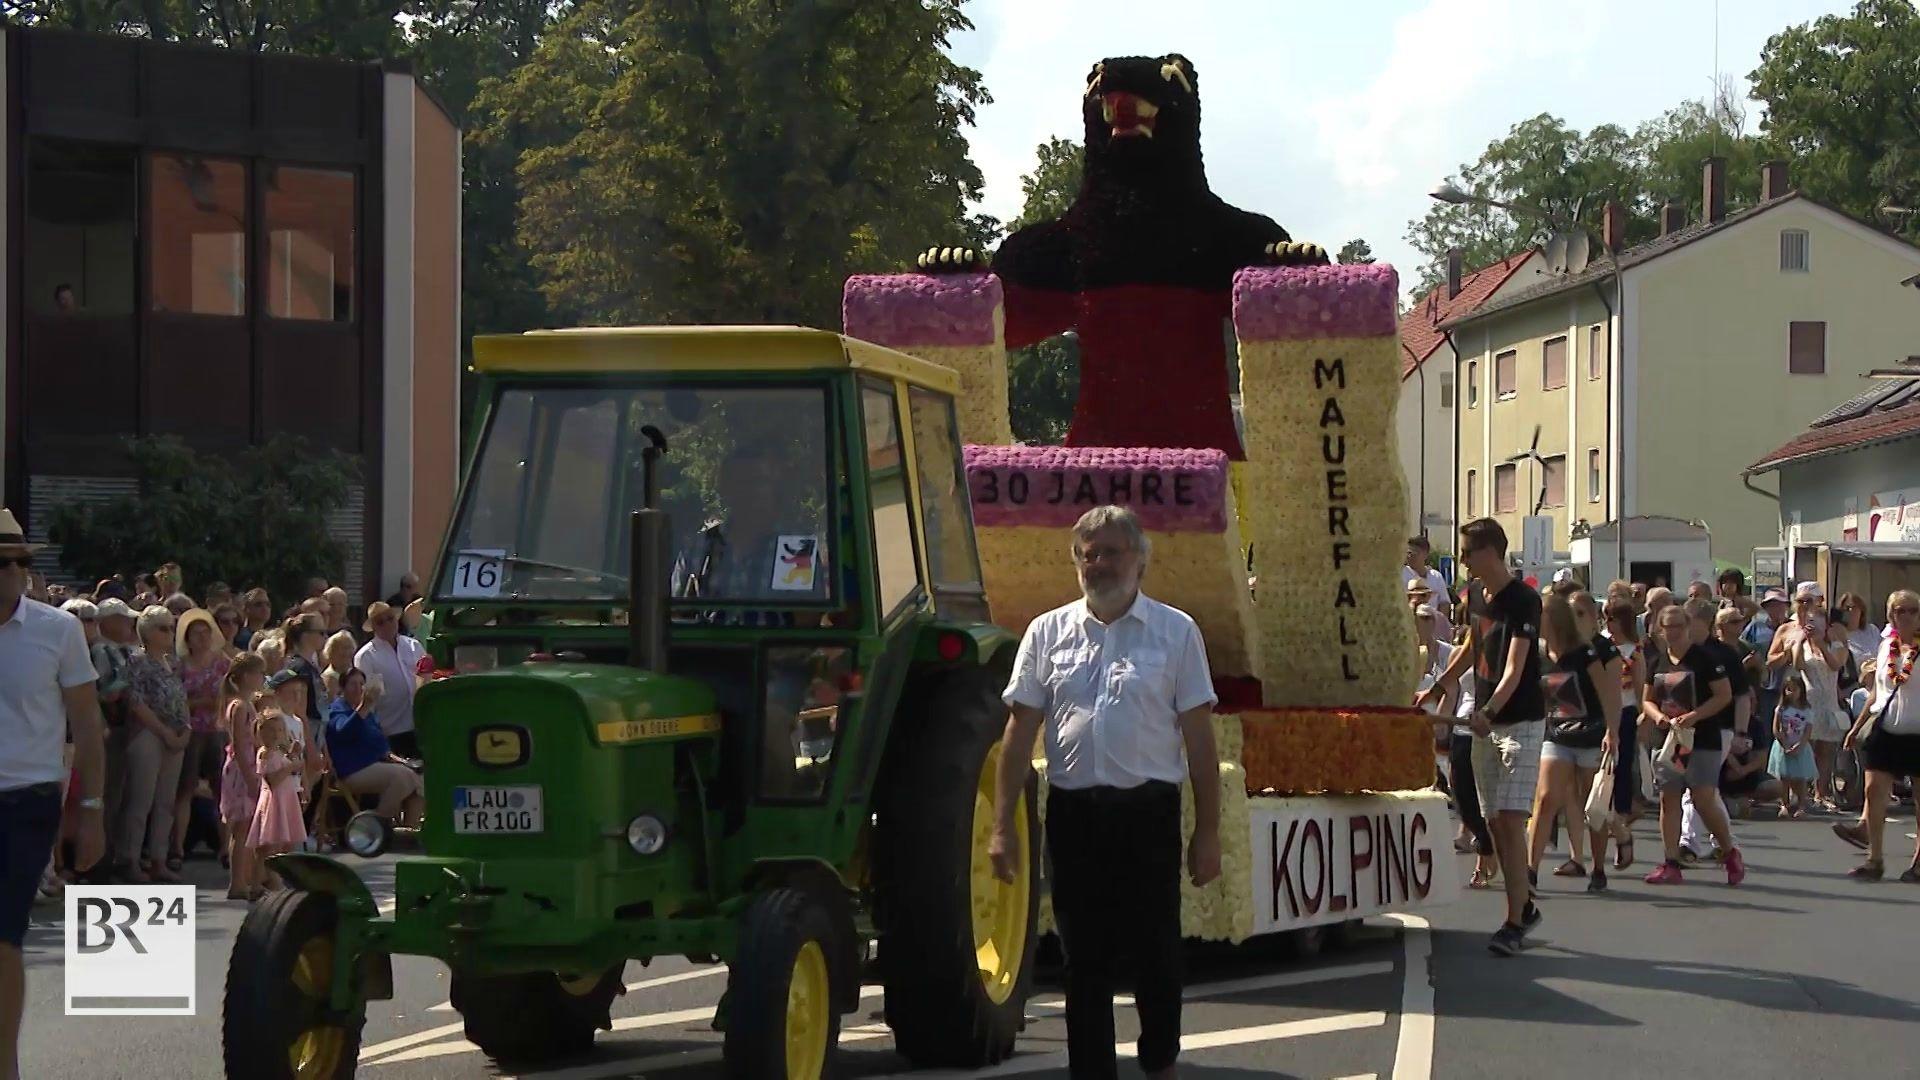 Ein Festwagen beim Blumenfest in Röthenbach an der Pegnitz.